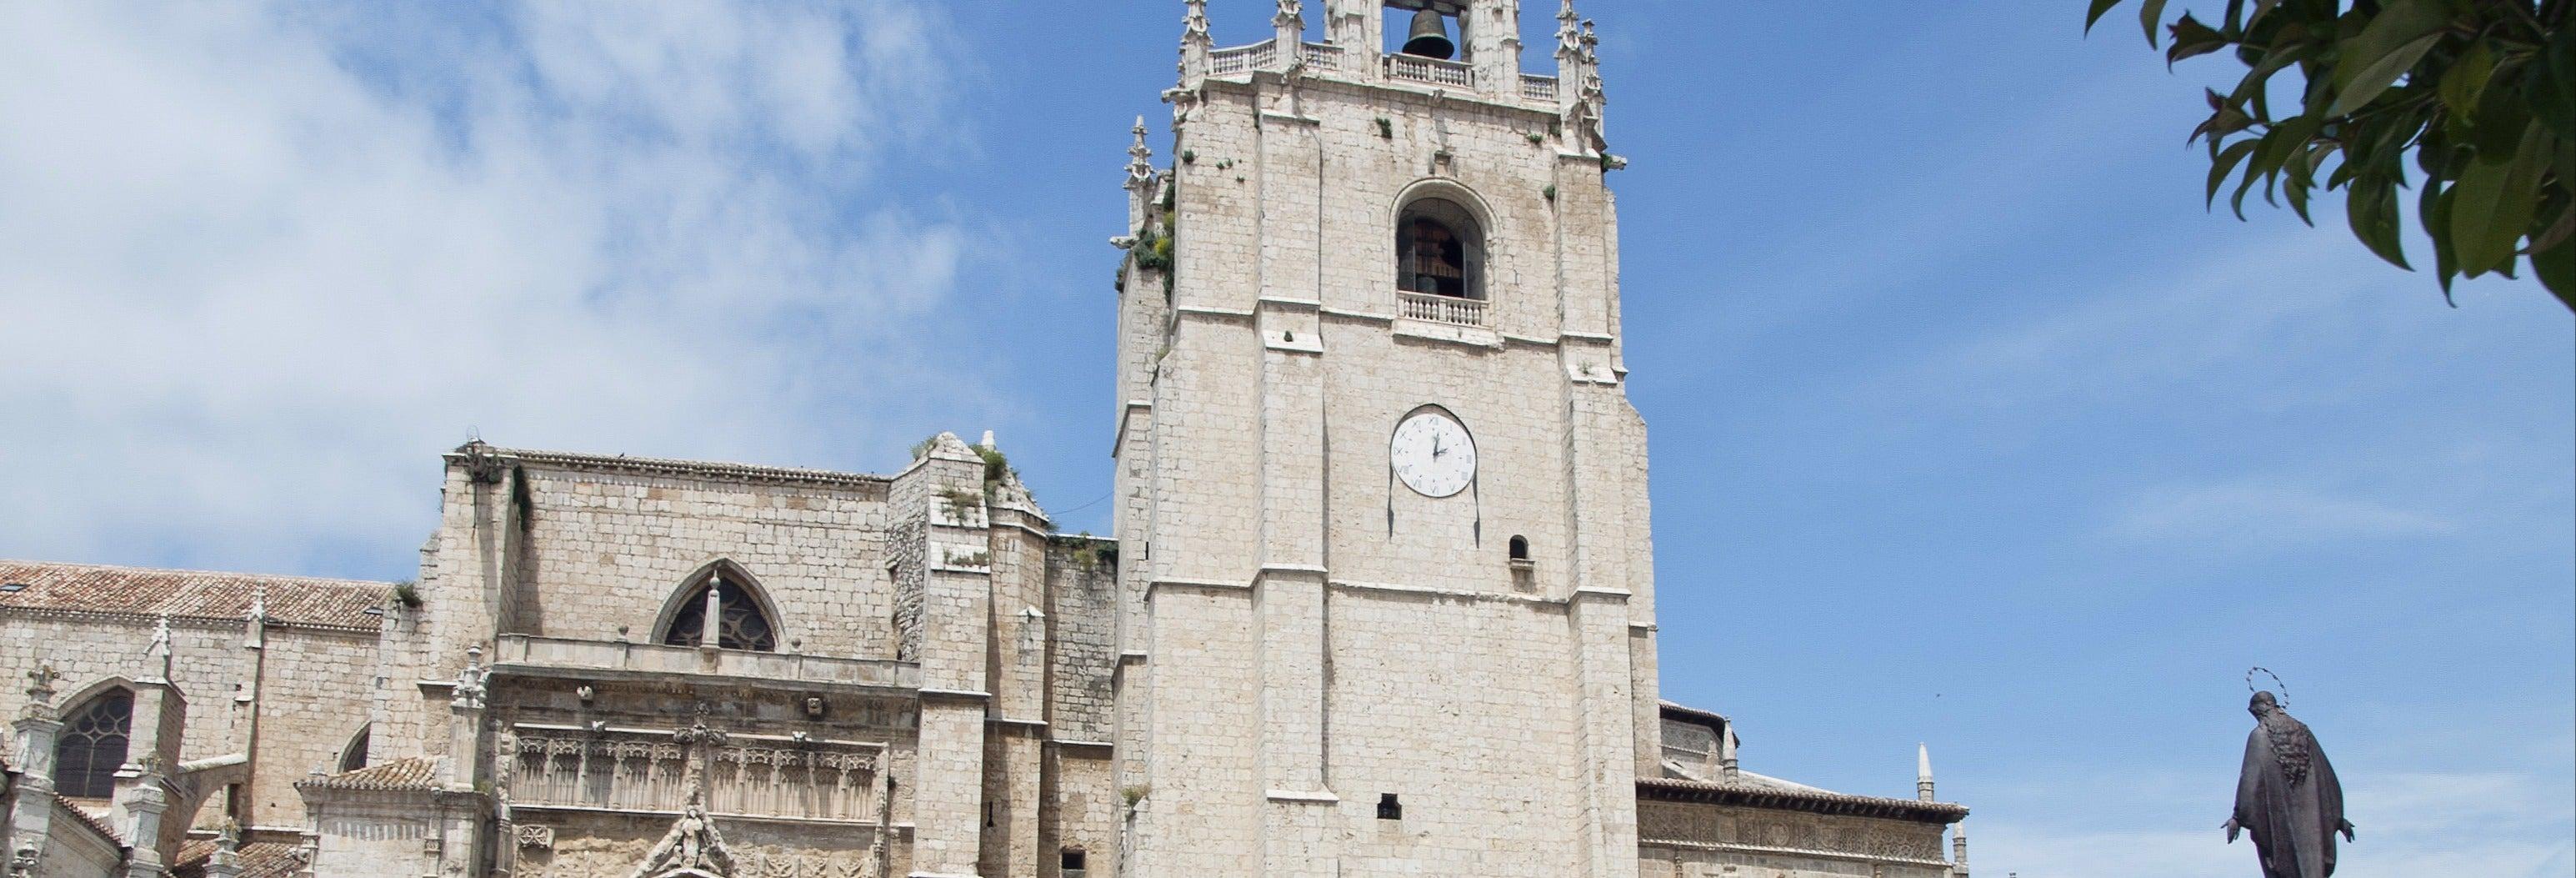 Visita guiada por la catedral de Palencia